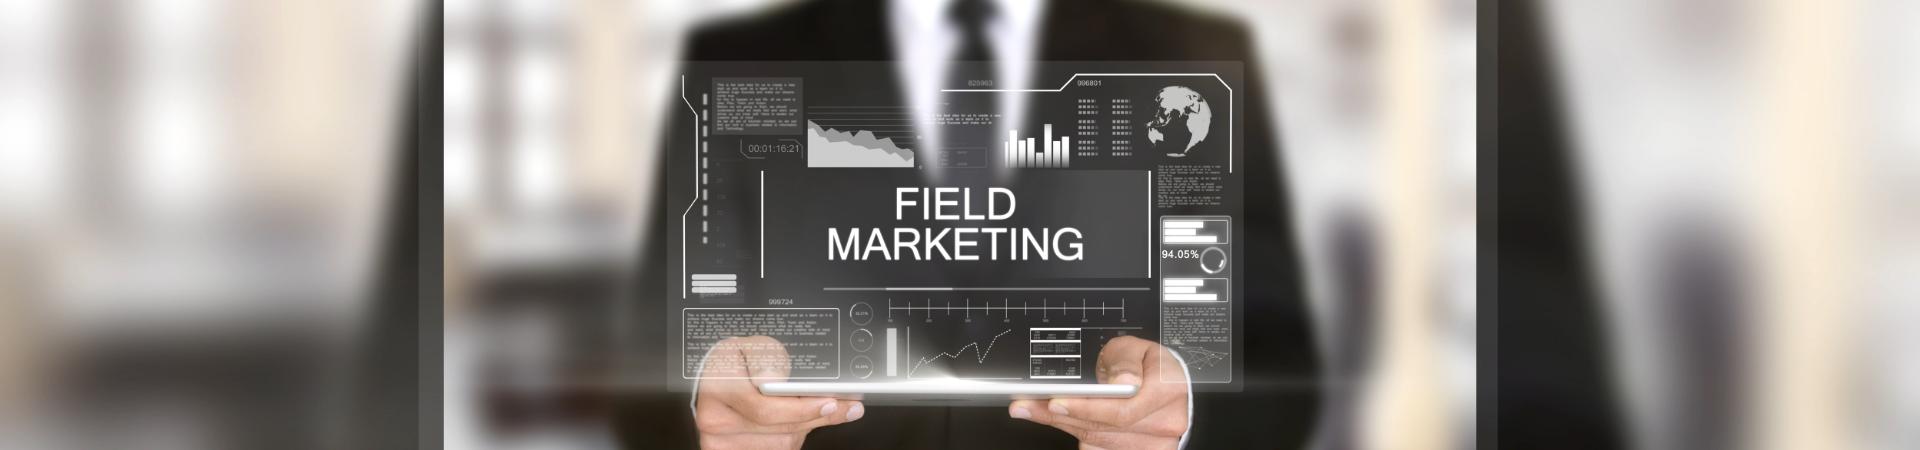 Šta je field marketing?